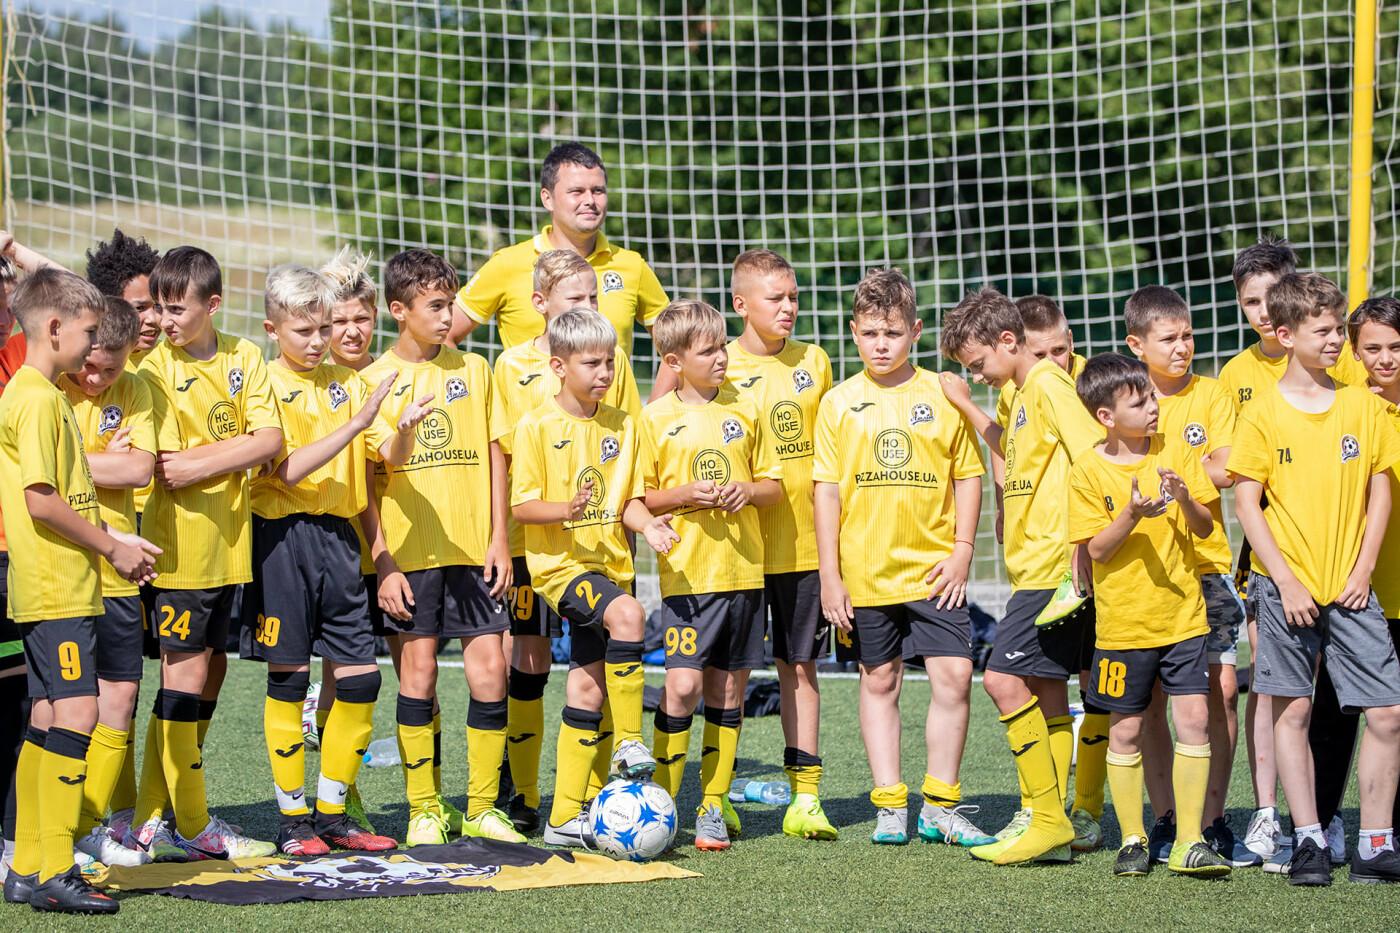 Чернігів прийняв у себе відкритий турнір з футболу: місцеві юнаки поза п'єдесталом, фото-3